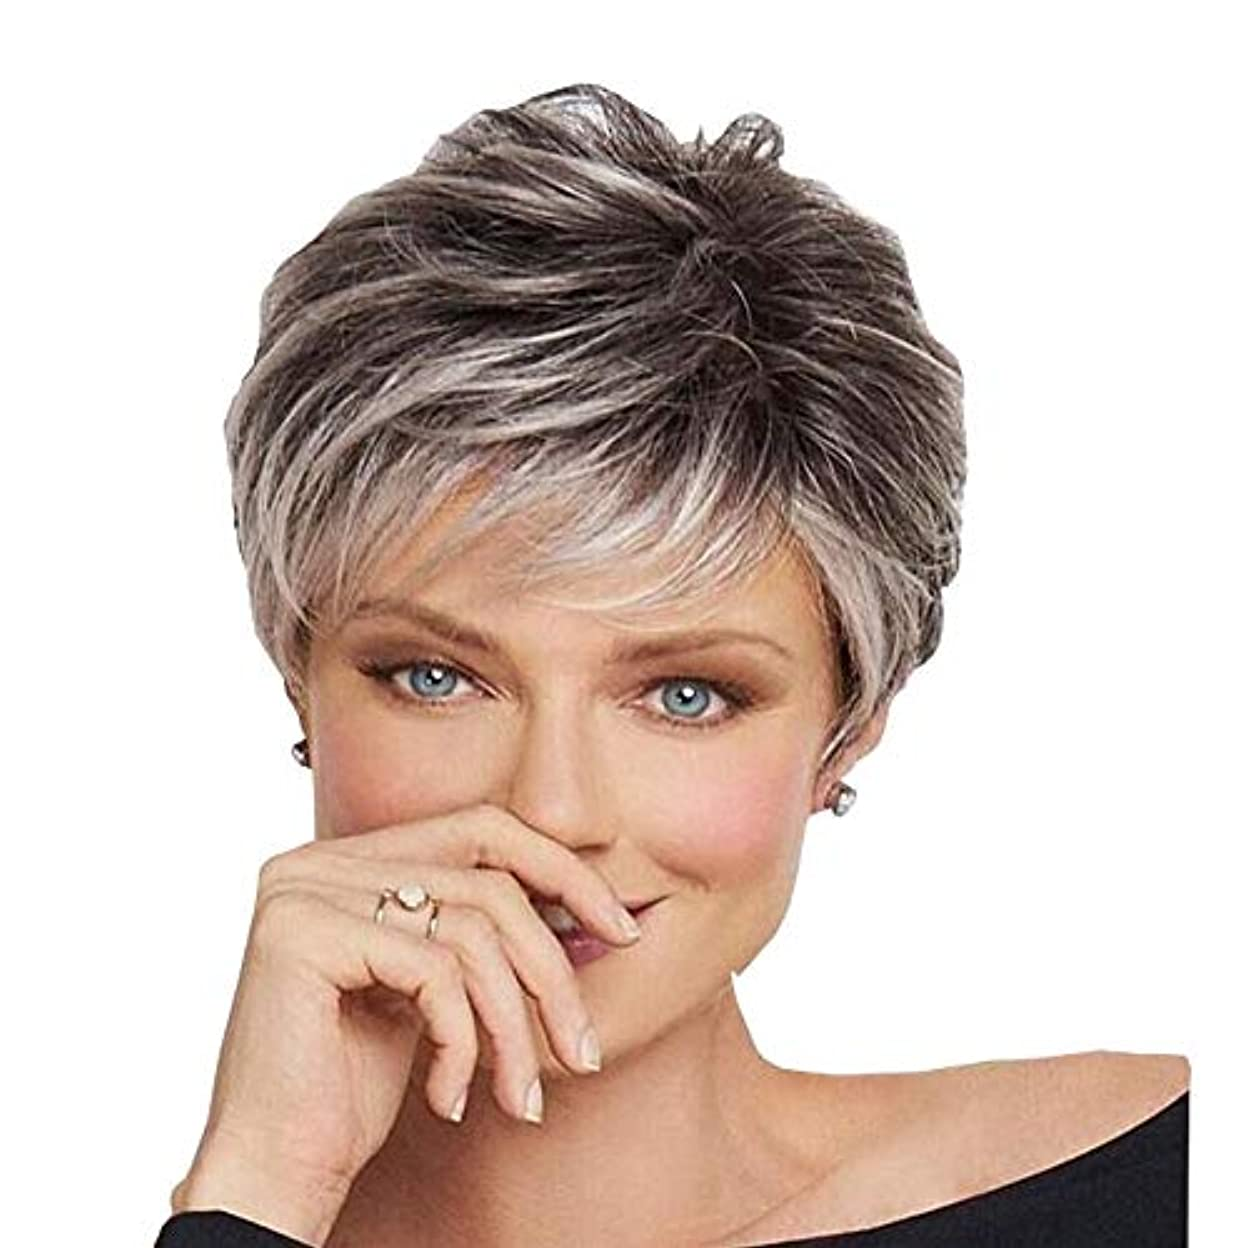 ピケサドル計り知れないYOUQIU 毎日パーティーかつらのために斜め前髪を持つ女性のグレーショートカーリーヘアダークルーツヘアウィッグ (色 : グレー)